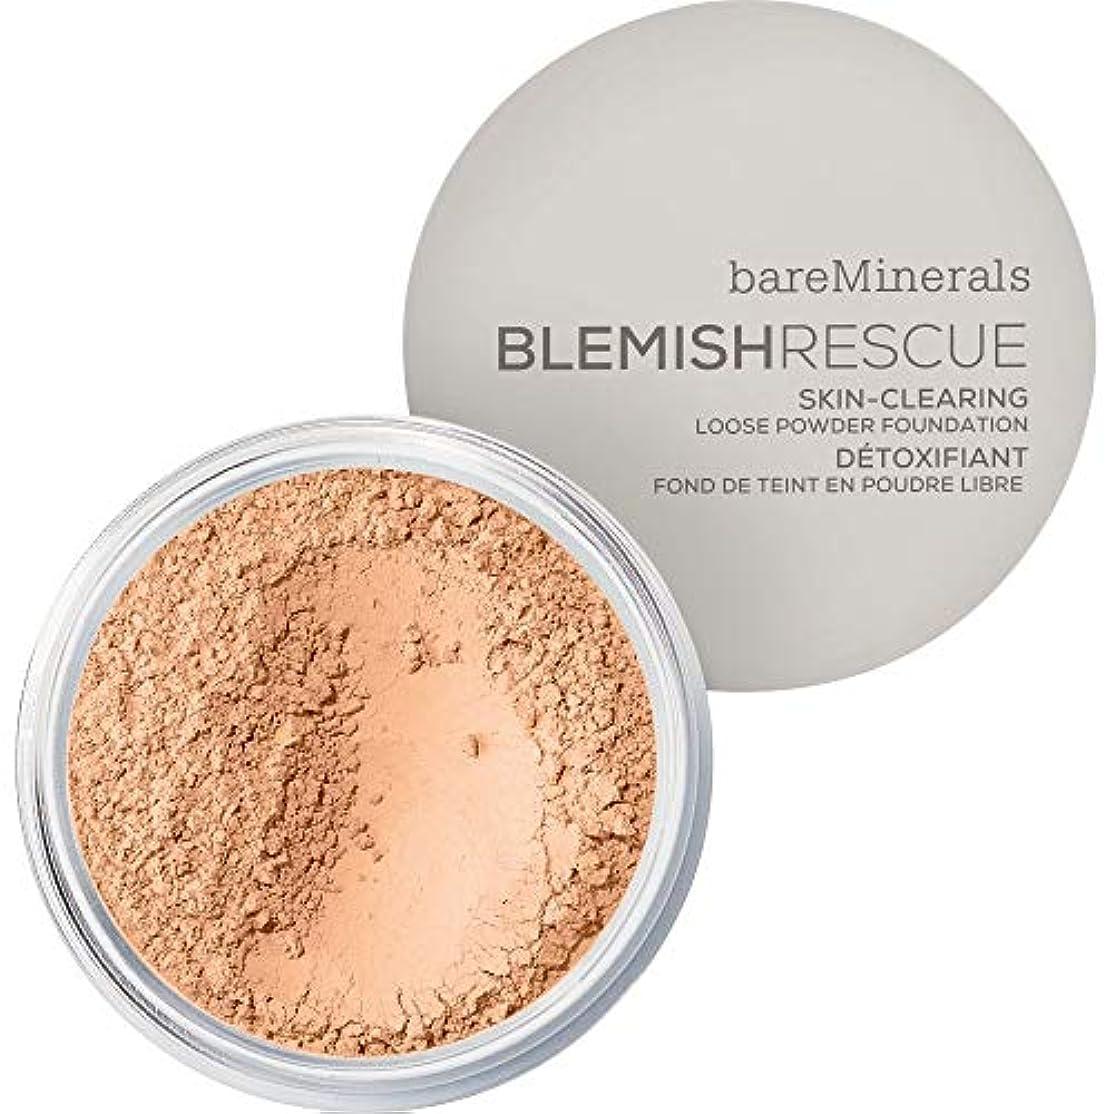 すすり泣き薬局ブラシ[bareMinerals ] ベアミネラルは3.5Nwを6Gレスキュースキンクリア緩いパウダーファンデーションを傷 - 黄金のヌード - bareMinerals Blemish Rescue Skin-Clearing...